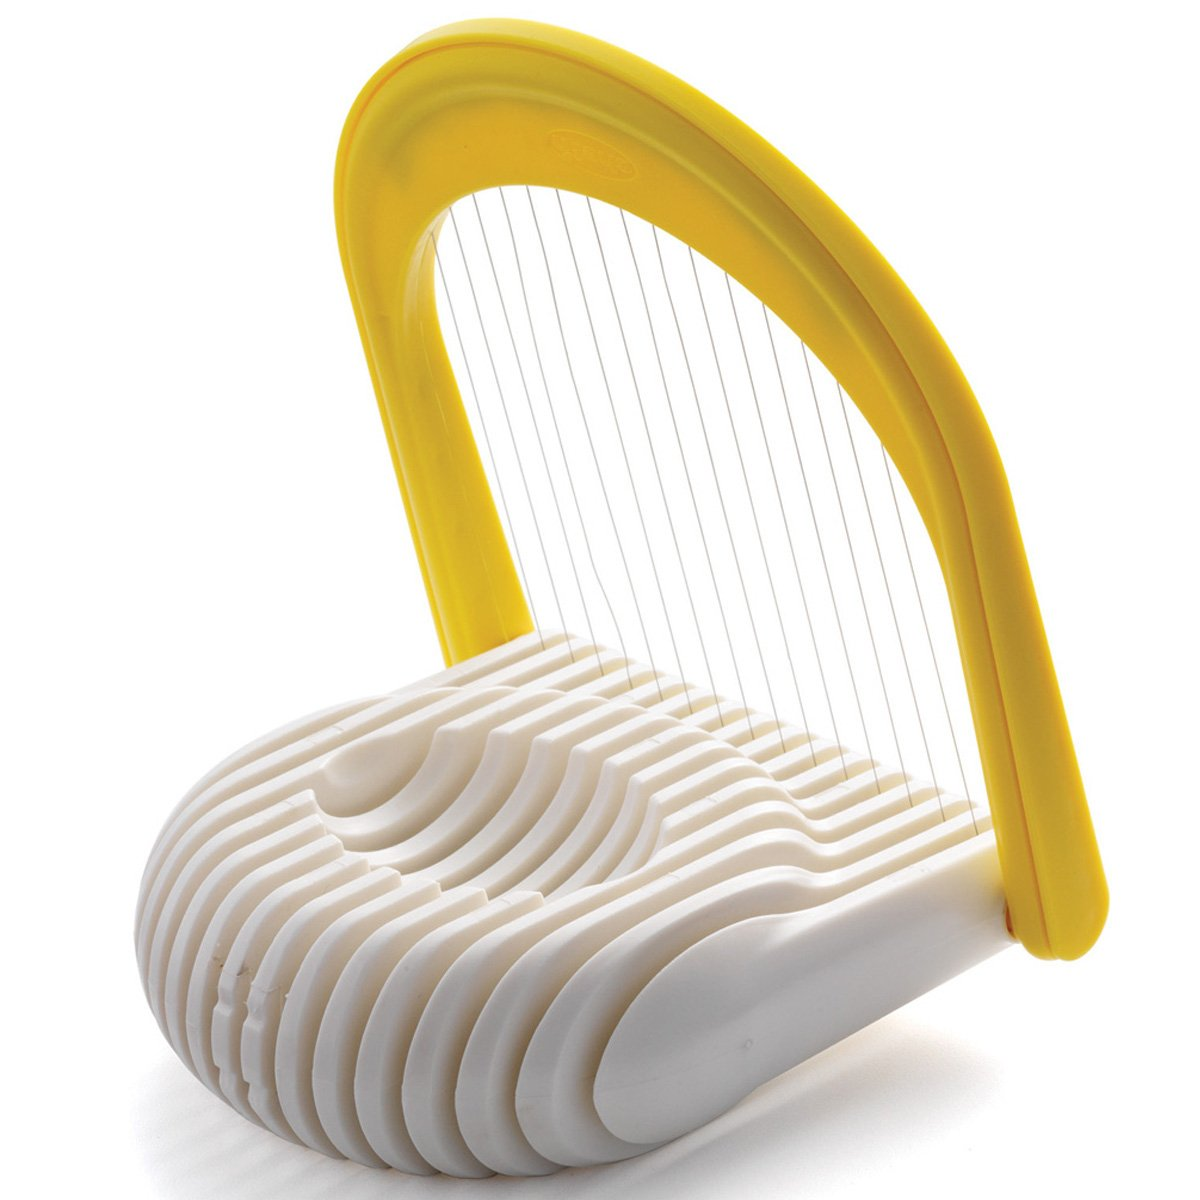 Chef'n FlipSlice Egg Slicer (Lemon Meringue) Chef'n 103-466-017